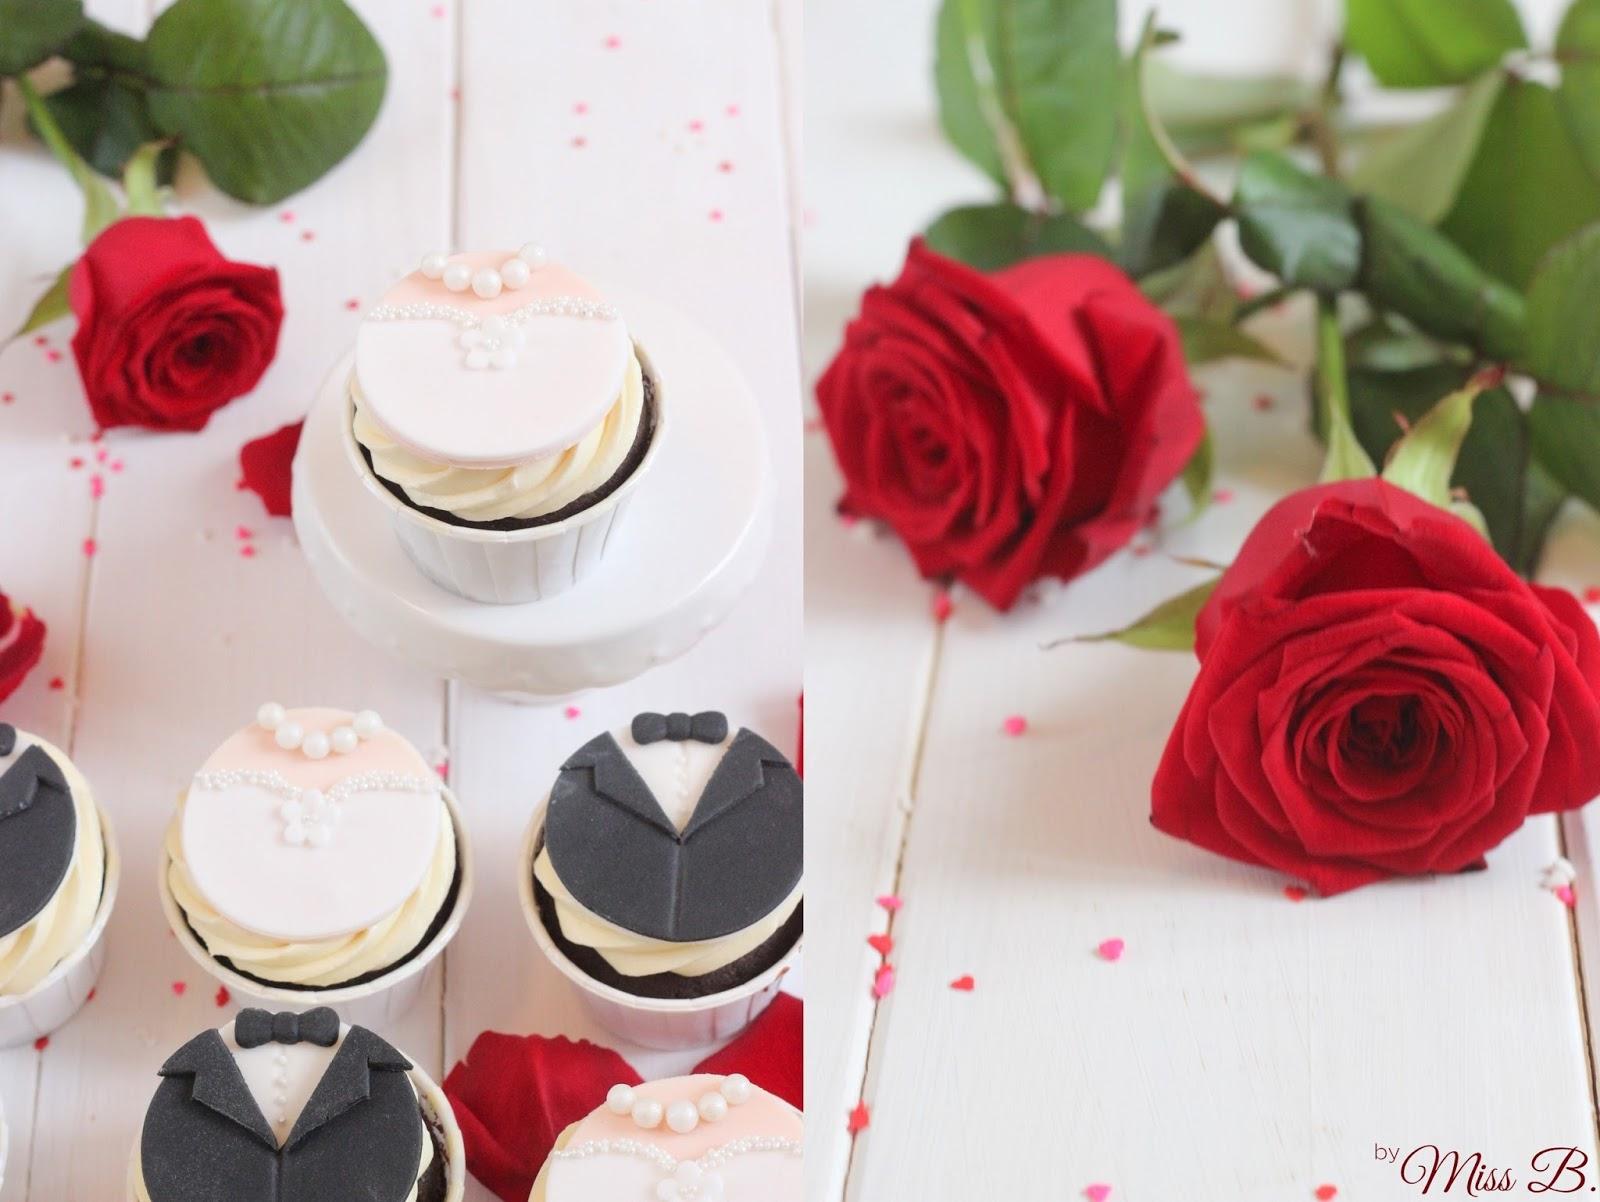 Miss Blueberrymuffin S Kitchen Braut Und Brautigam Susse Hochzeits